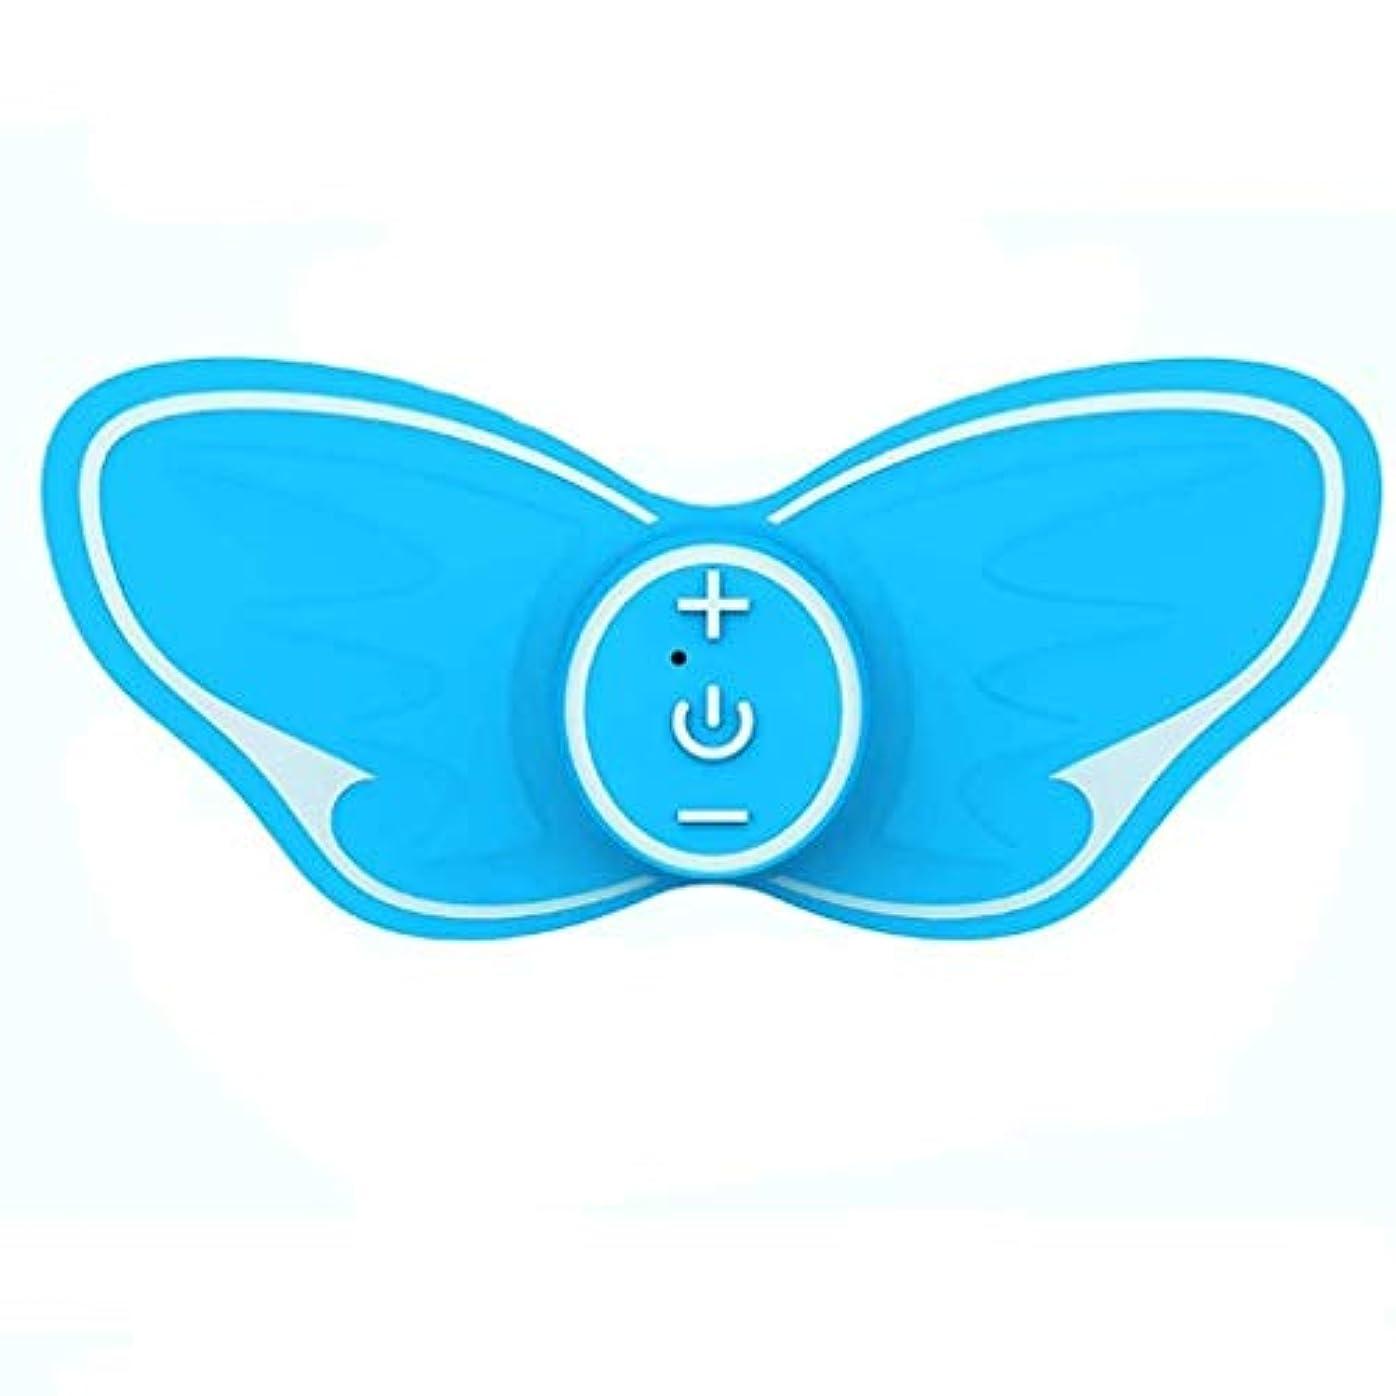 電気的忌まわしい速い電動ネックマッサージャー、スマートミニネックフィンガープレッシャーマッサージスティック、USB充電、加熱/ディープニーディングボディマッサージ、ポータブル (Color : 青)